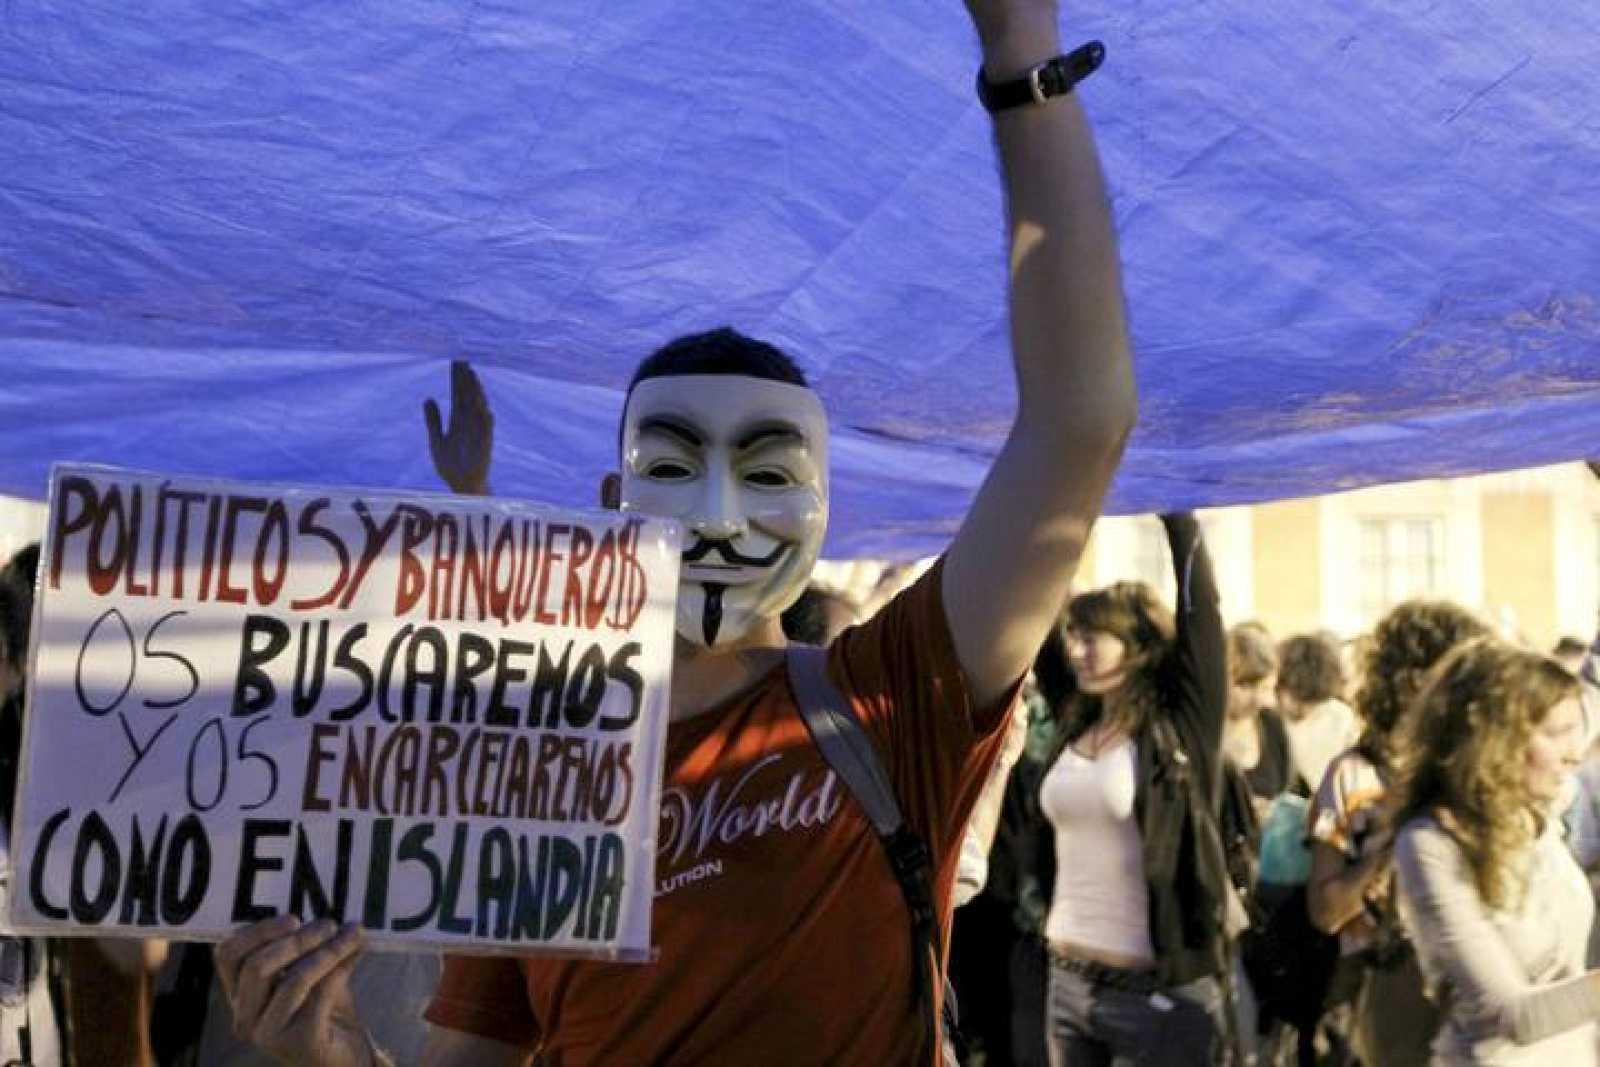 CIENTOS DE CONCENTRADOS EN LA PUERTA DEL SOL, CON AMPLIA PRESENCIA POLICIAL